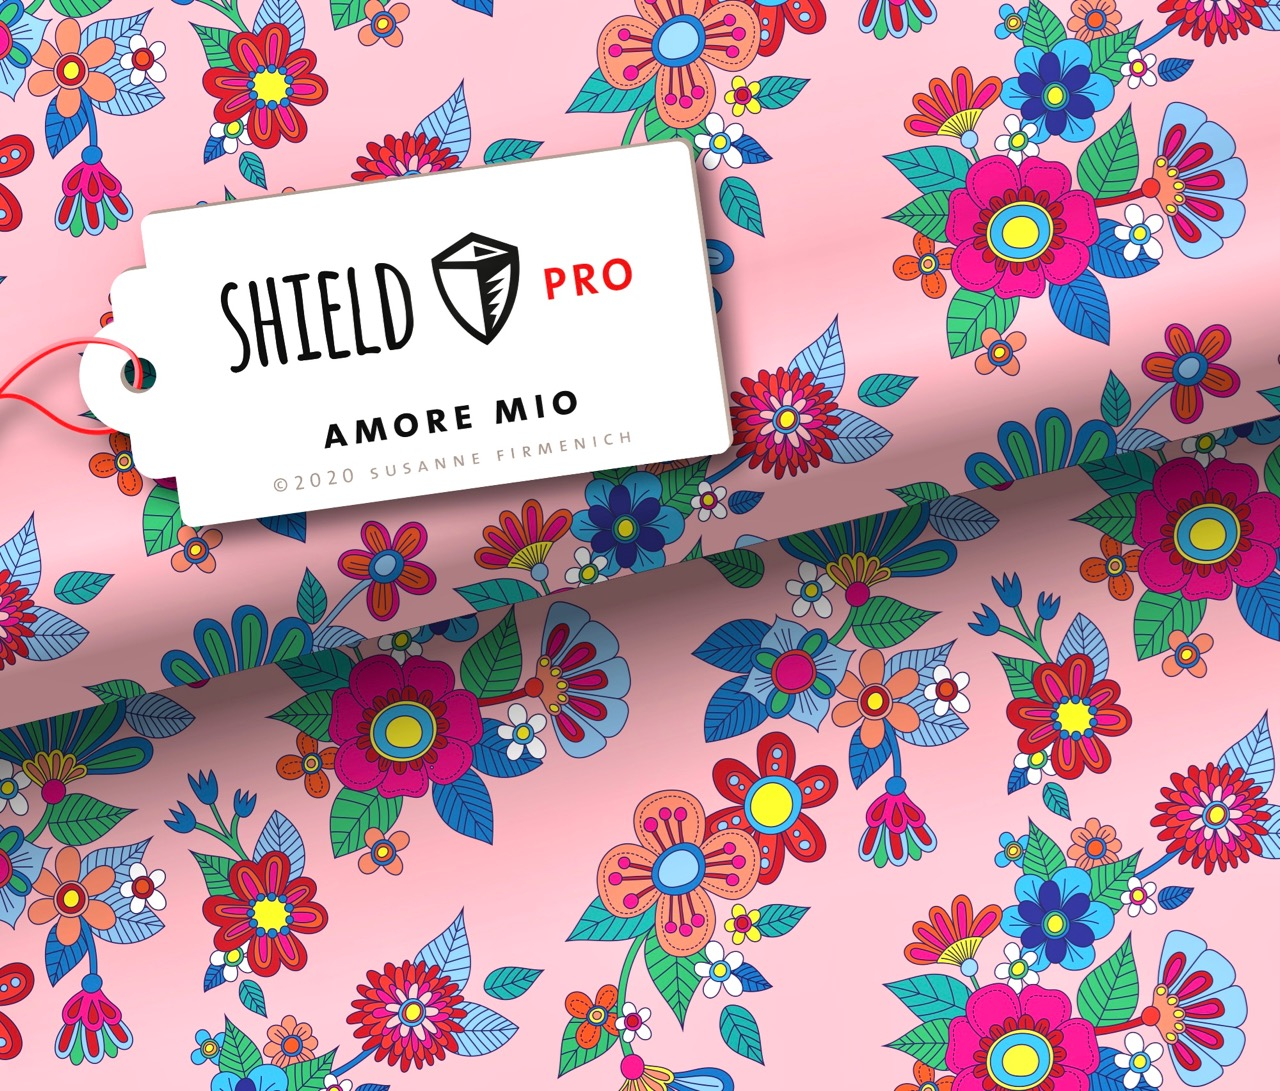 Shield Pro - Amore Mio von Hamburger Liebe & Albstoffe - antimikrobiell für Atem-und Mundmasken!